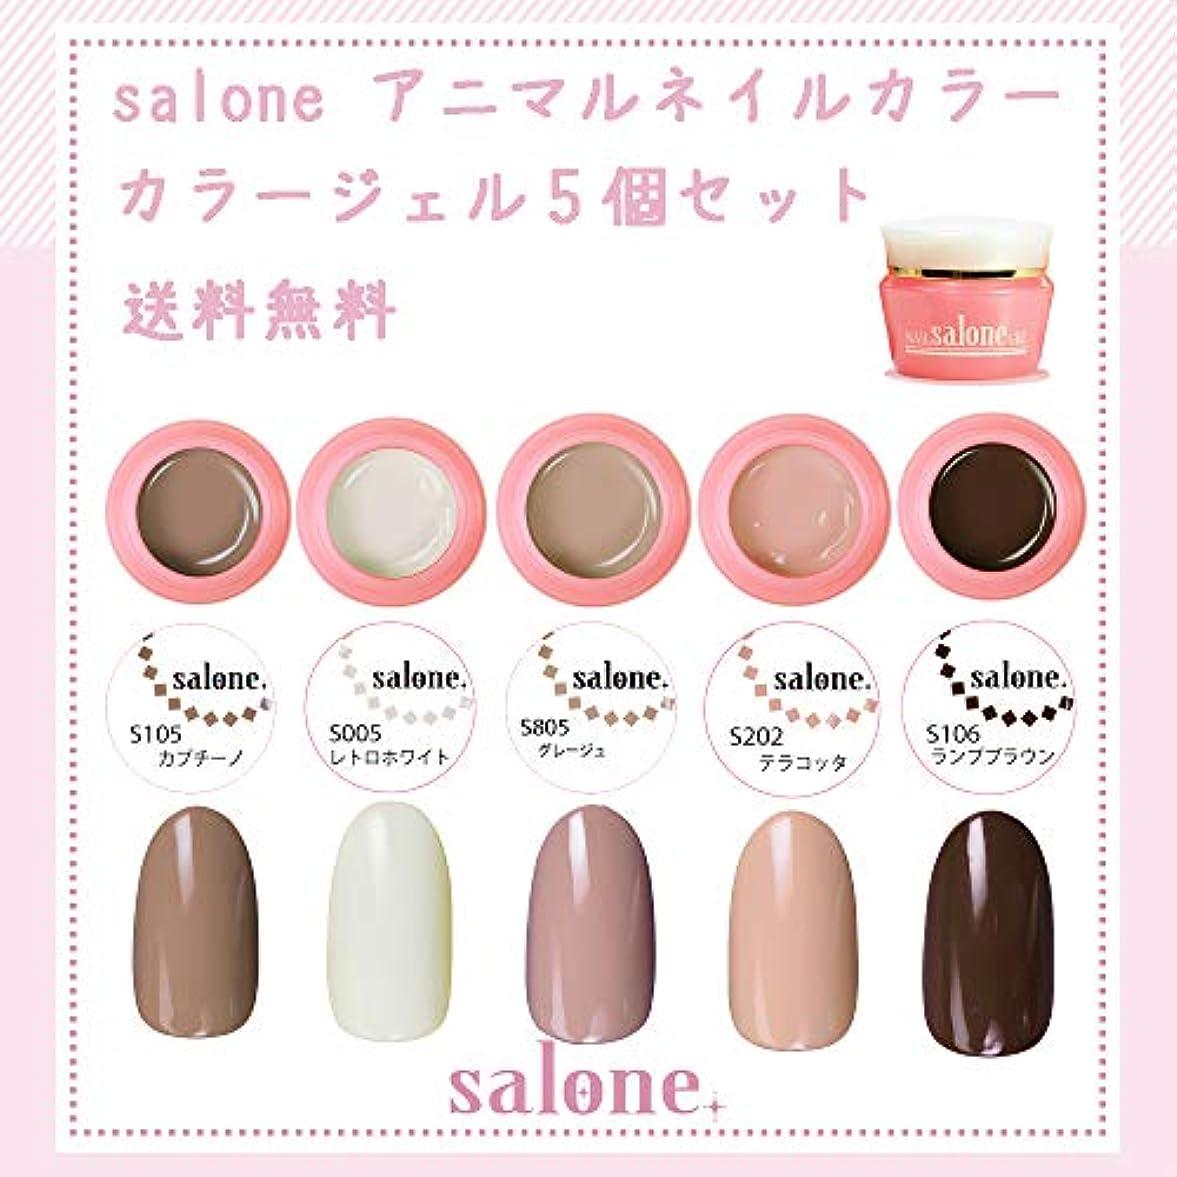 確執名誉もつれ【送料無料 日本製】Salone アニマルネイル カラージェル5個セット ヒョウ柄などのアニマルネイルにぴったりなカラー